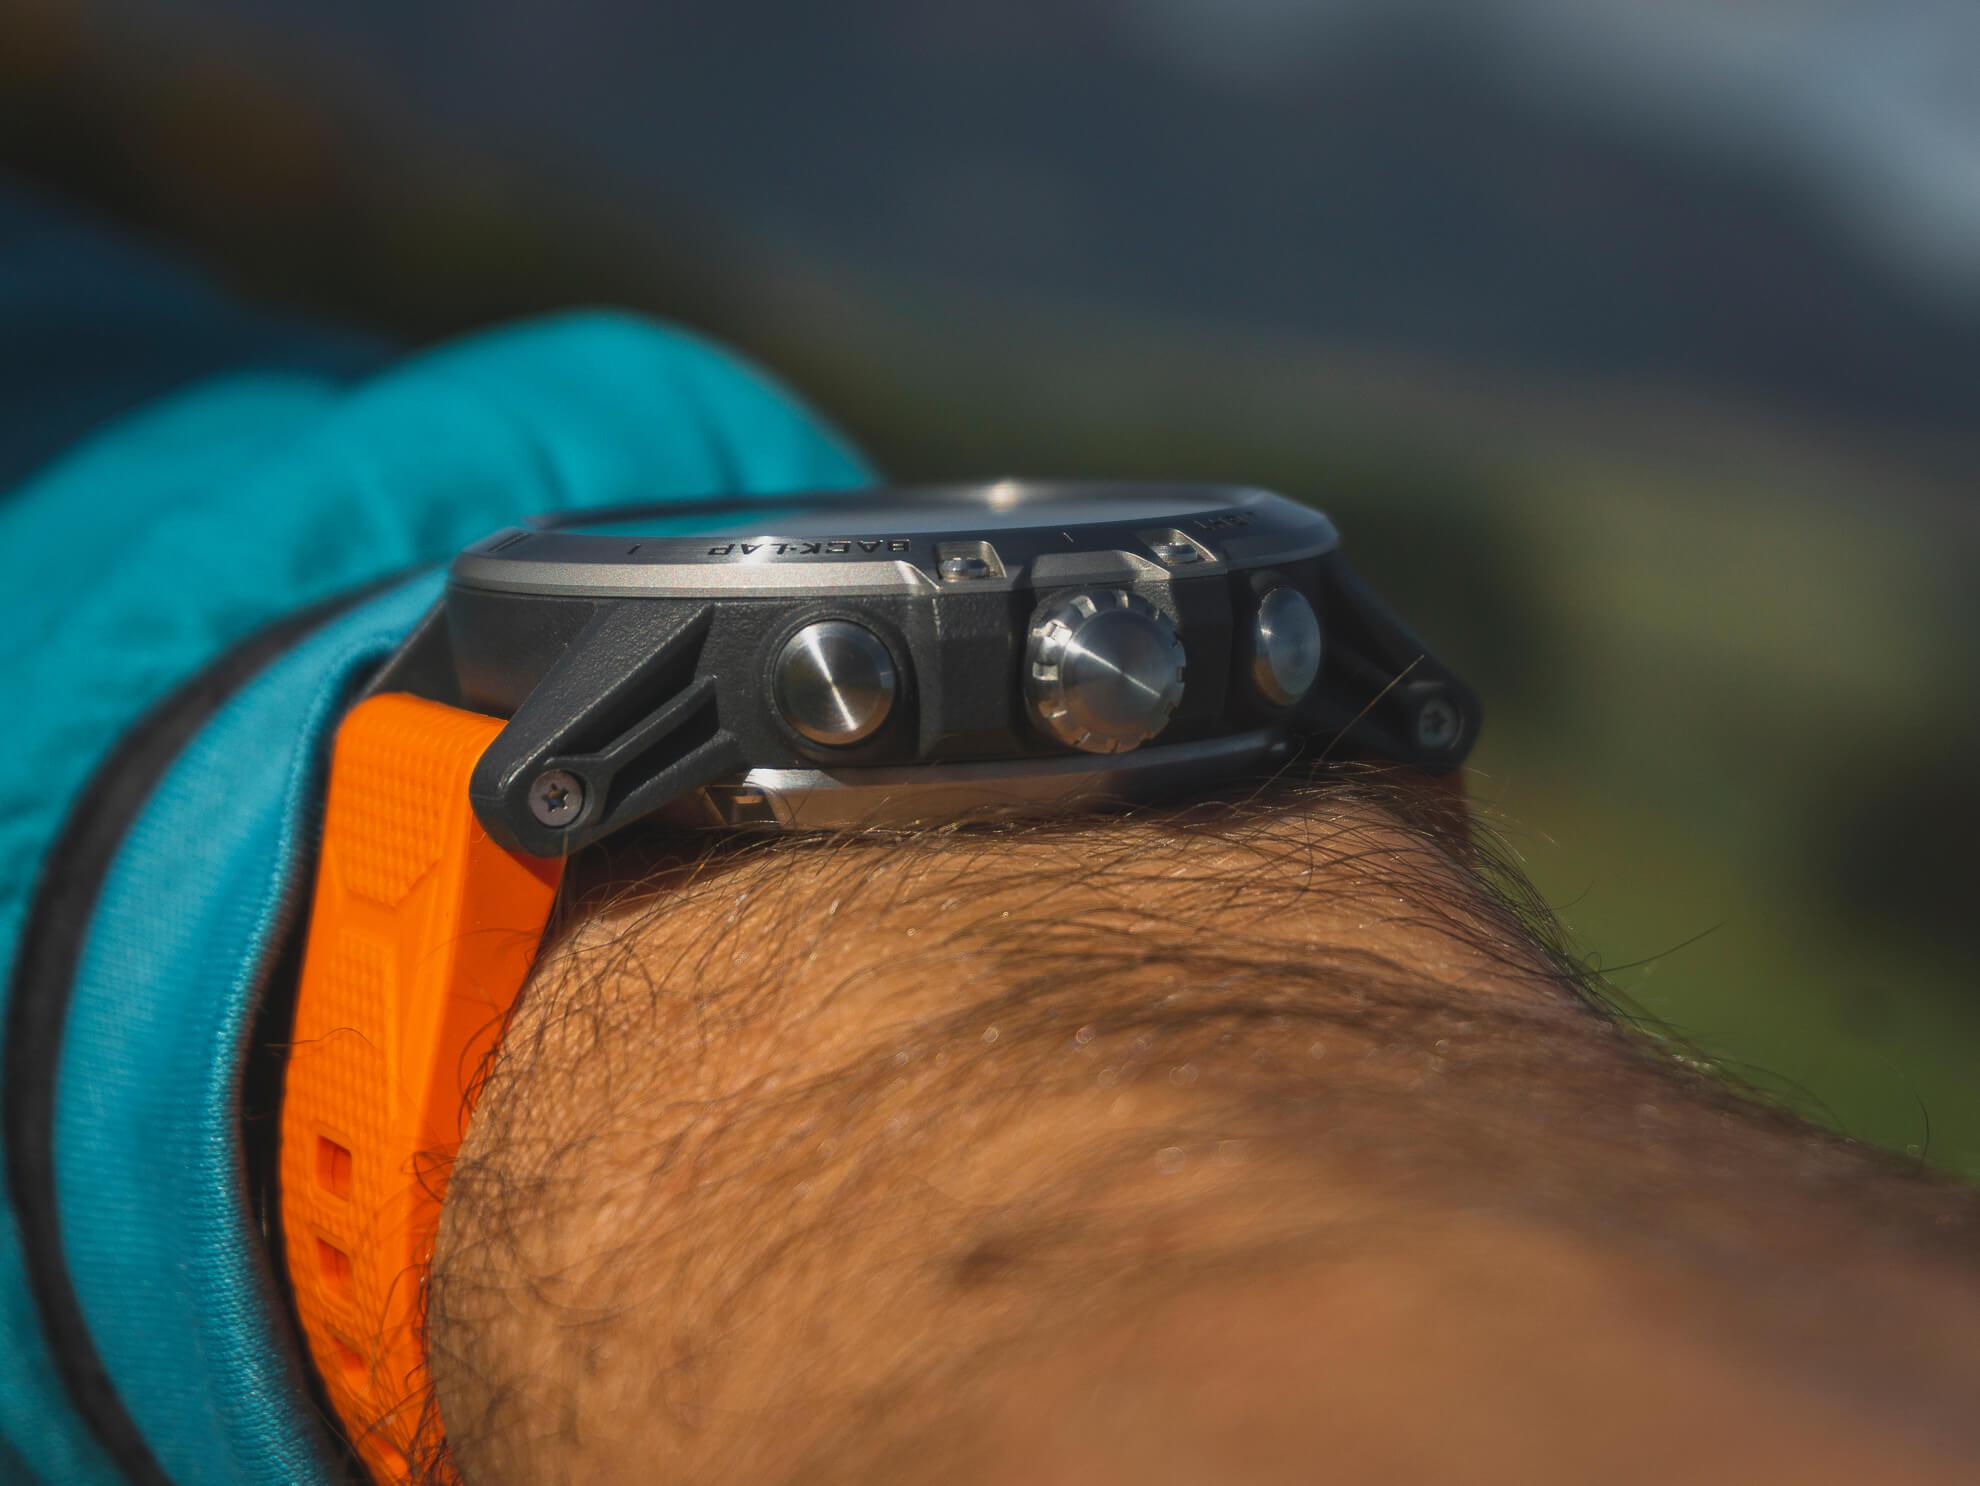 Na hodinkách sú len 3 tlačidlá na jednej strane. Digitálna Korunka v strede umožňuje až tri interakcie - pohyb smerom hore, dole a stlačenie.